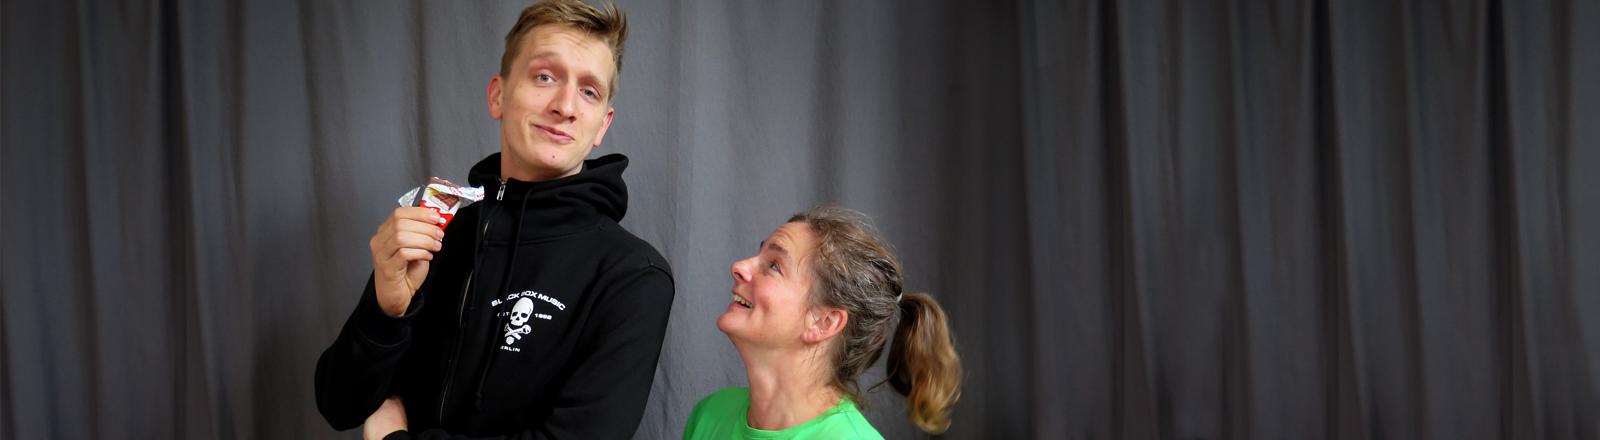 Felix Brummer und Verena von Keitz posieren etwas albern